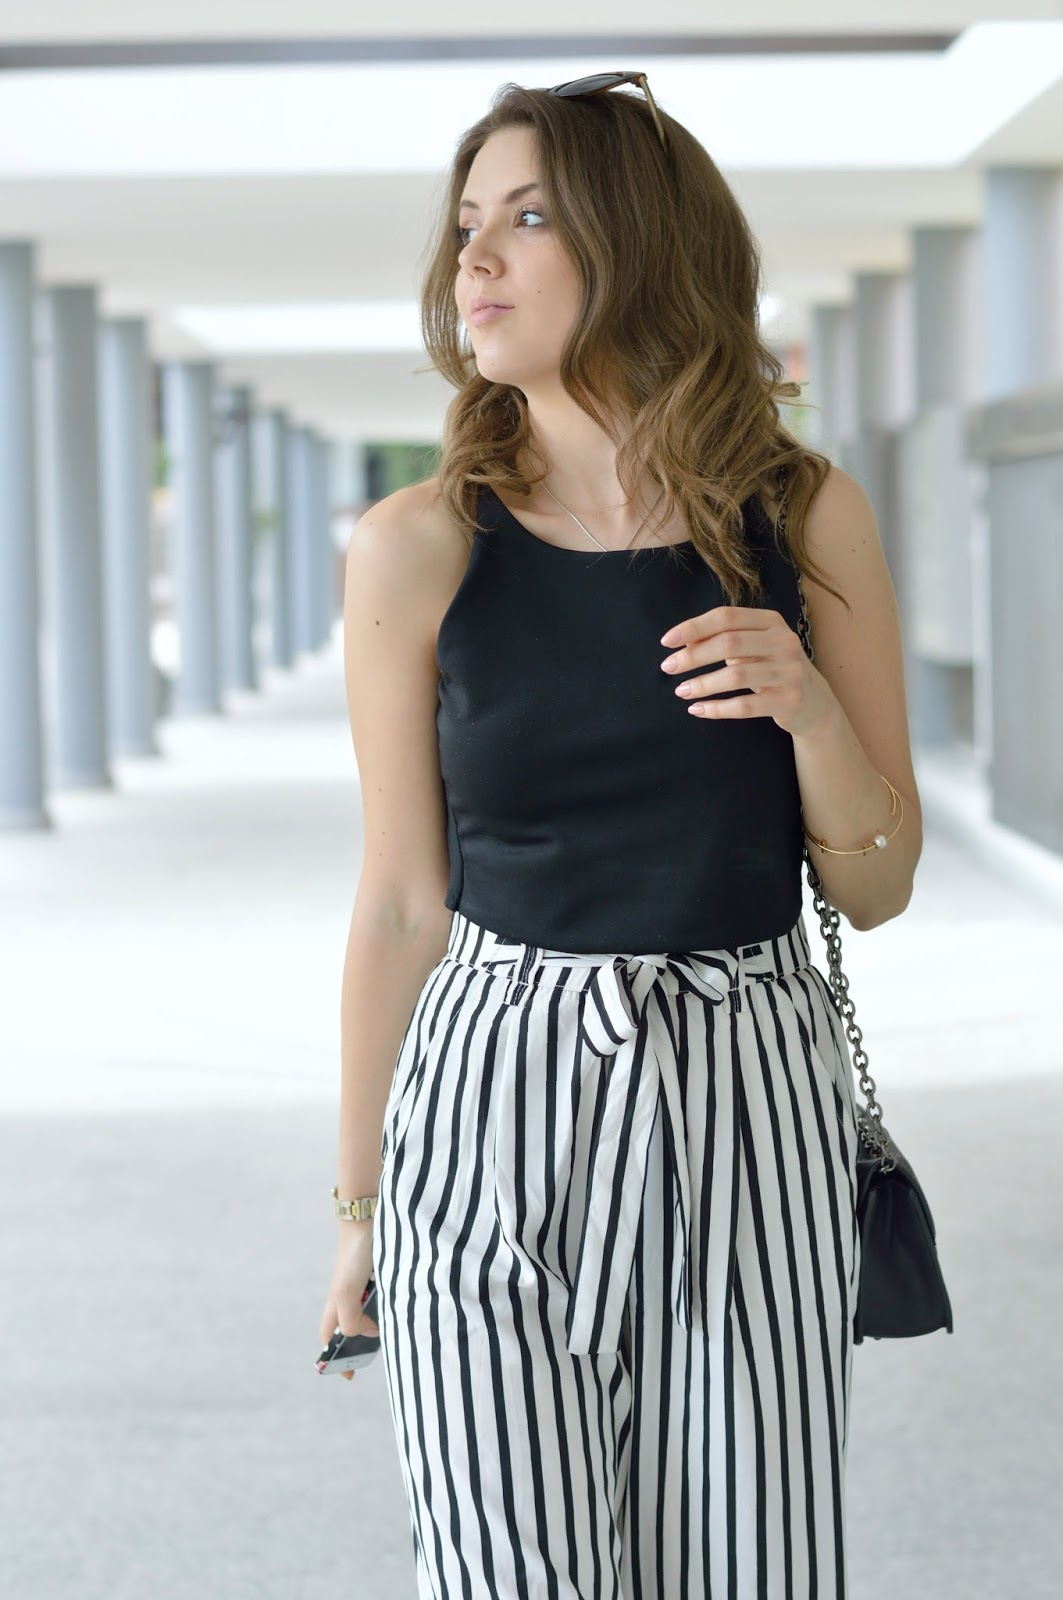 Ben noto Stripe culotte pants: Casual Chic da giorno - Ellysa ZF33